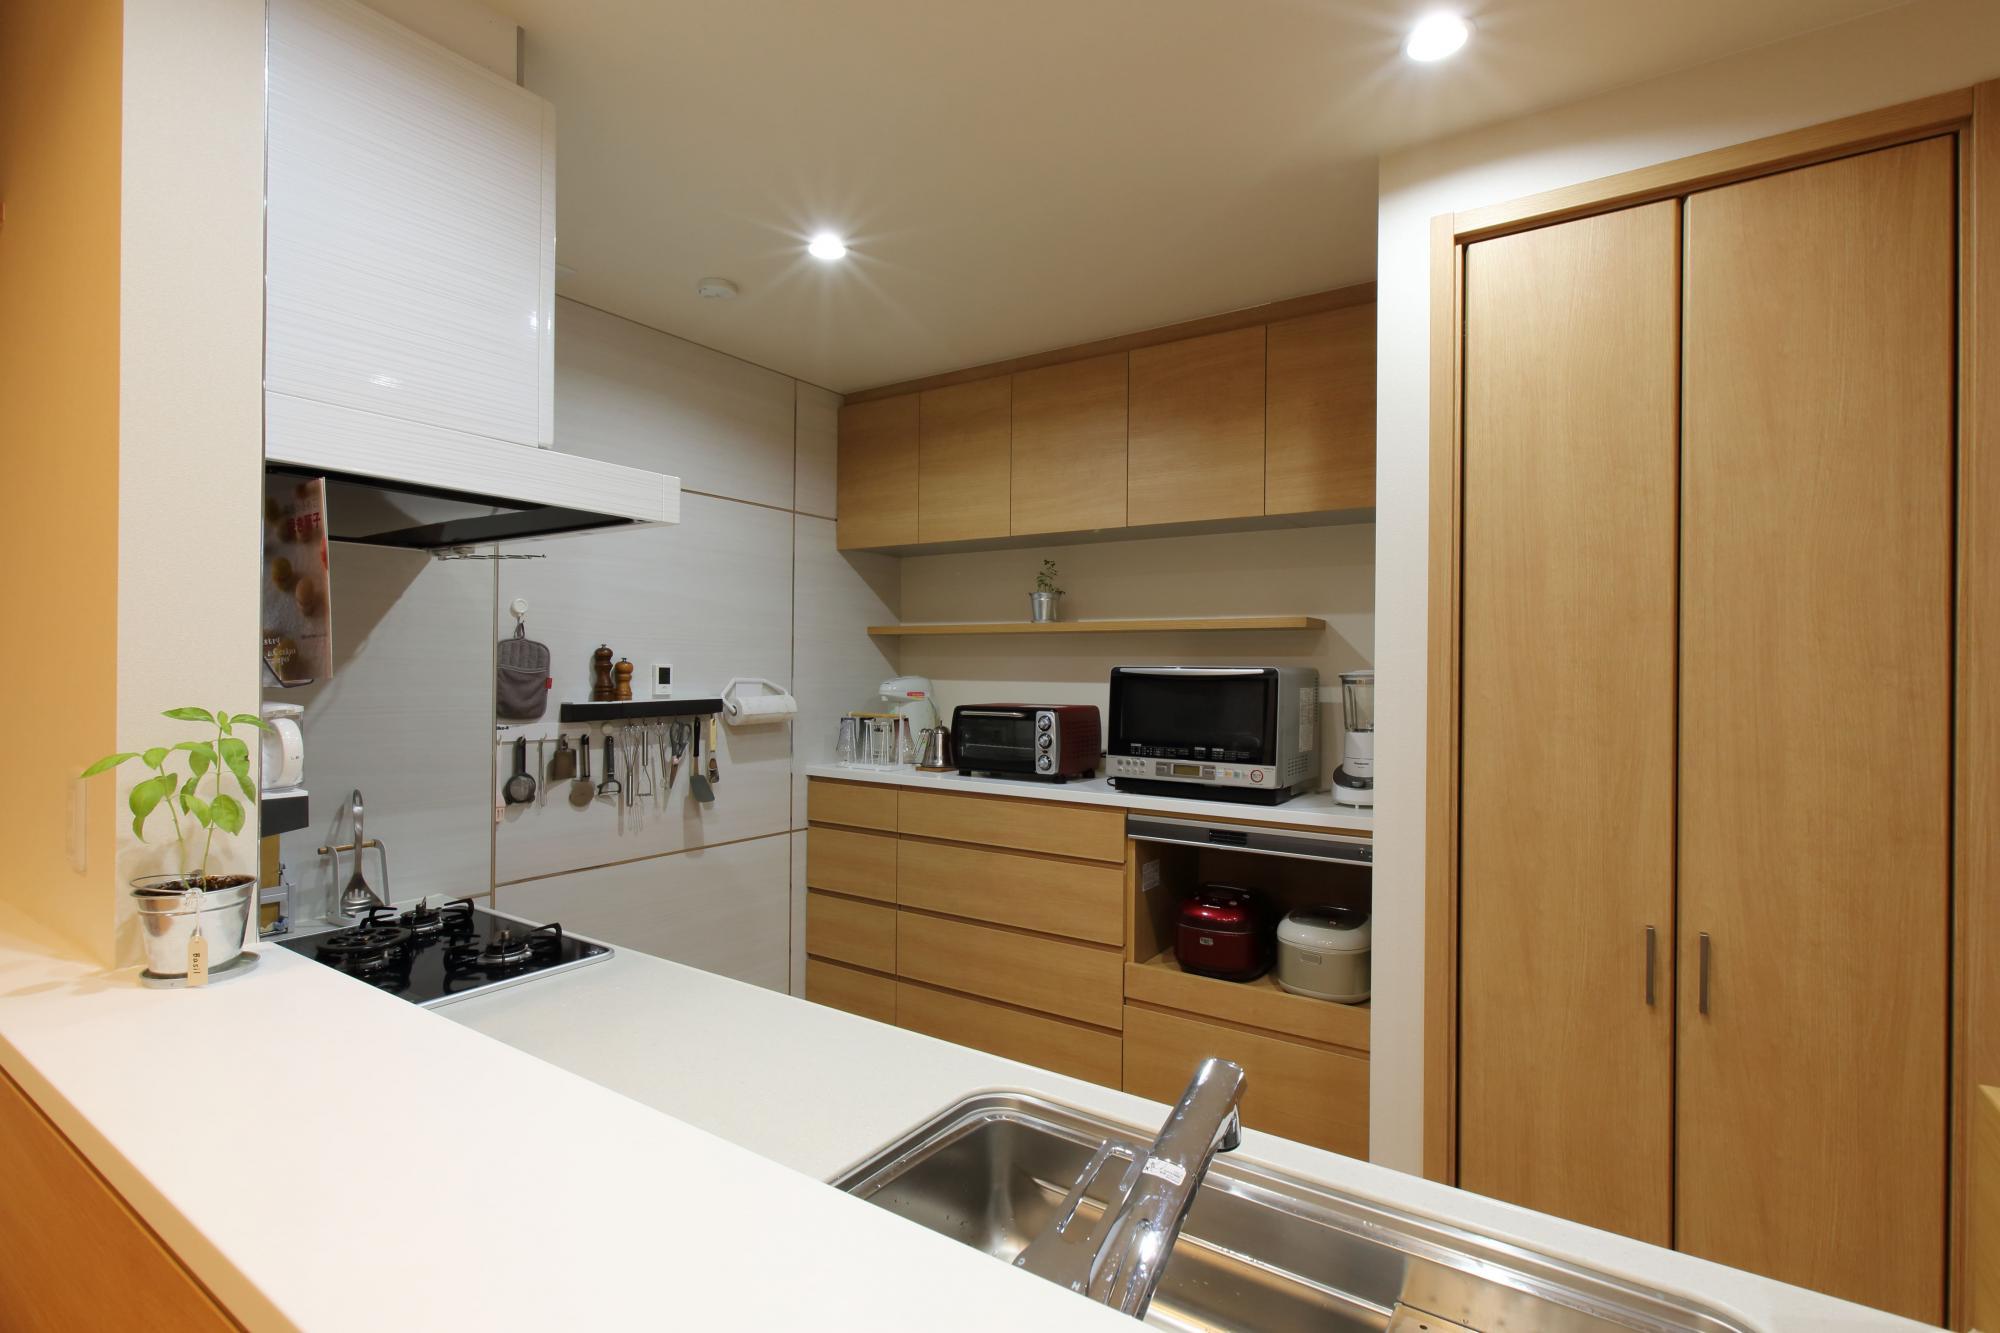 最新設備になって奥様の要望がすべて叶ったというキッチン。対面式のキッチンカウンターの背面には食器類などが収められる収納棚を造作。壁面はマグネットが付くので毎日使う調理器具を飾りながら収納できる。